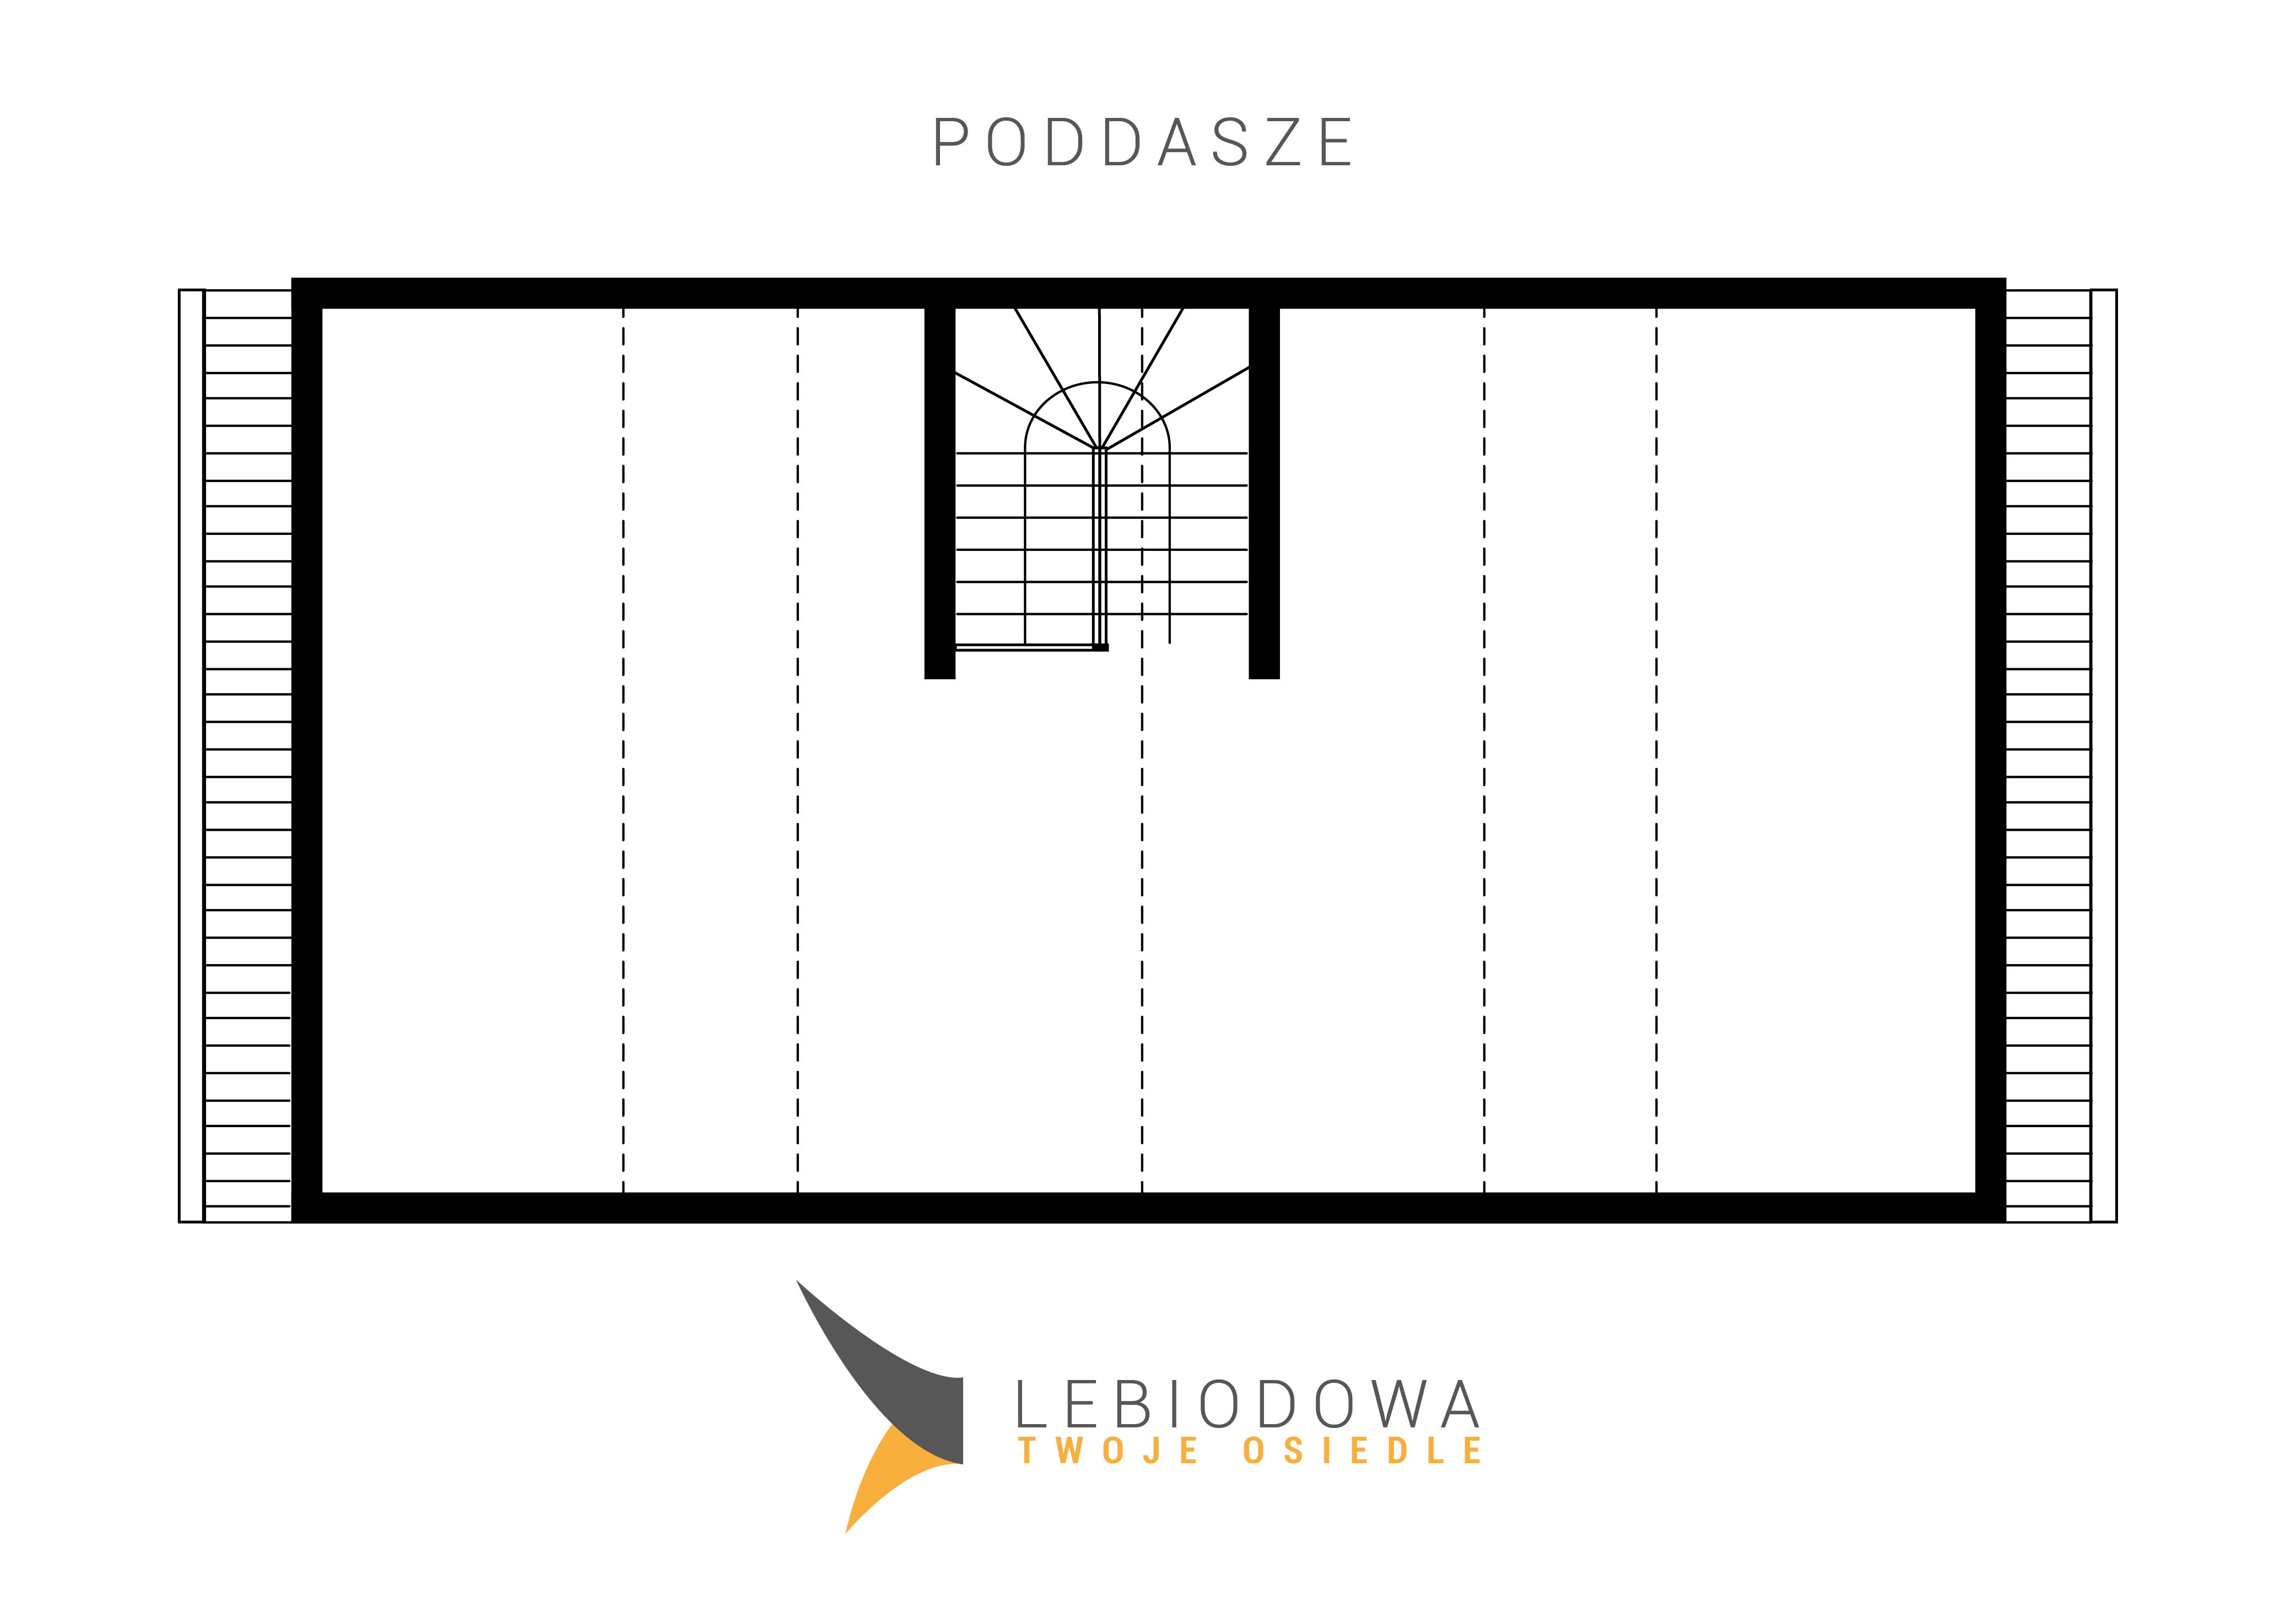 domki_plany-03